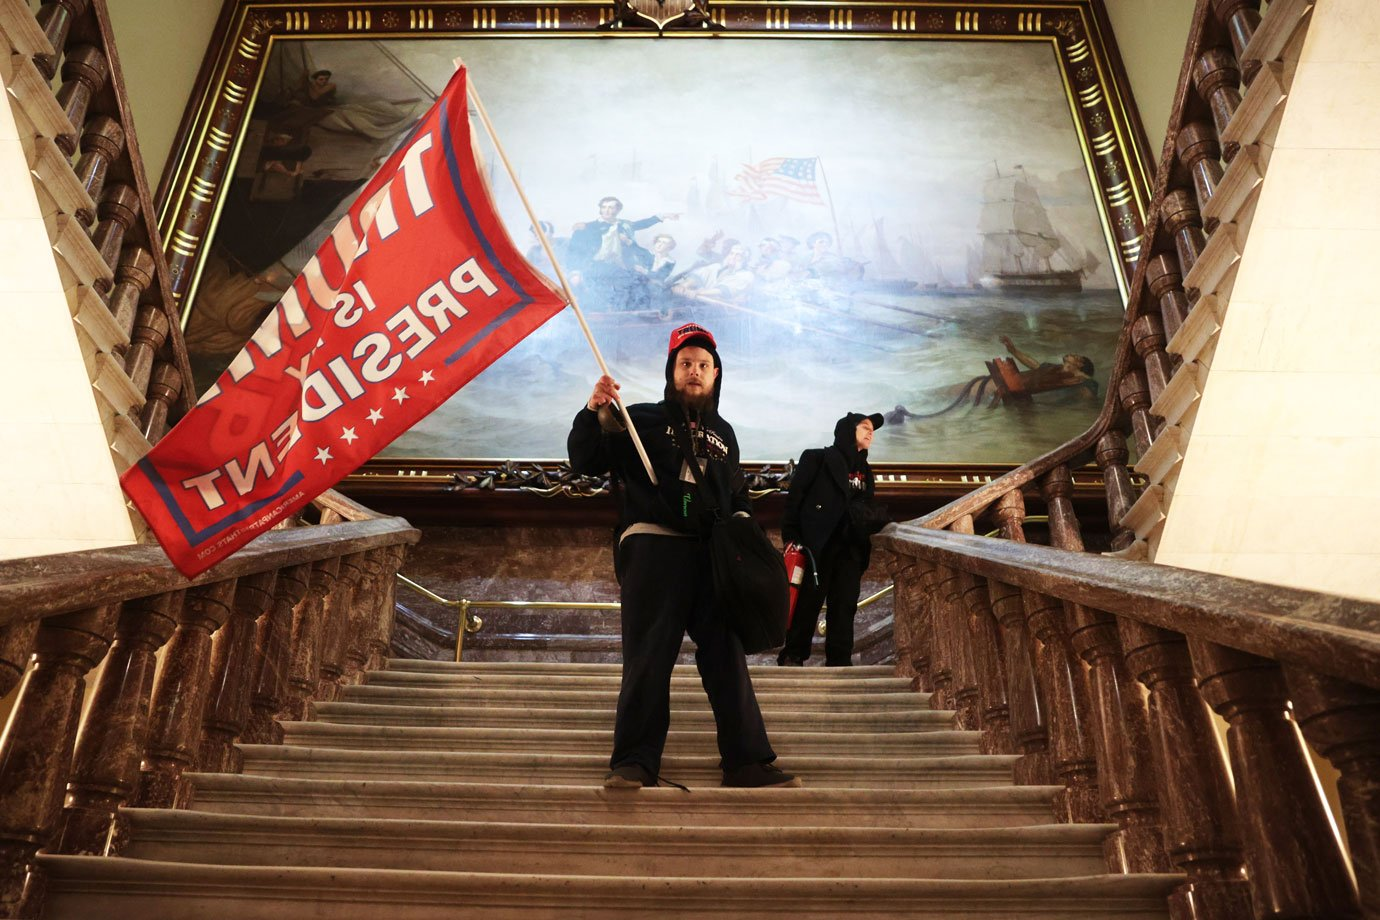 Um manifestante segura uma bandeira Trump dentro do edifício do Congresso dos EUA perto da Câmara do Senado em 06 de janeiro de 2021 em Washington, DC. O Congresso realizou uma sessão conjunta hoje para ratificar a vitória do Colégio Eleitoral do presidente eleito Joe Biden sobre o presidente Donald Trump.